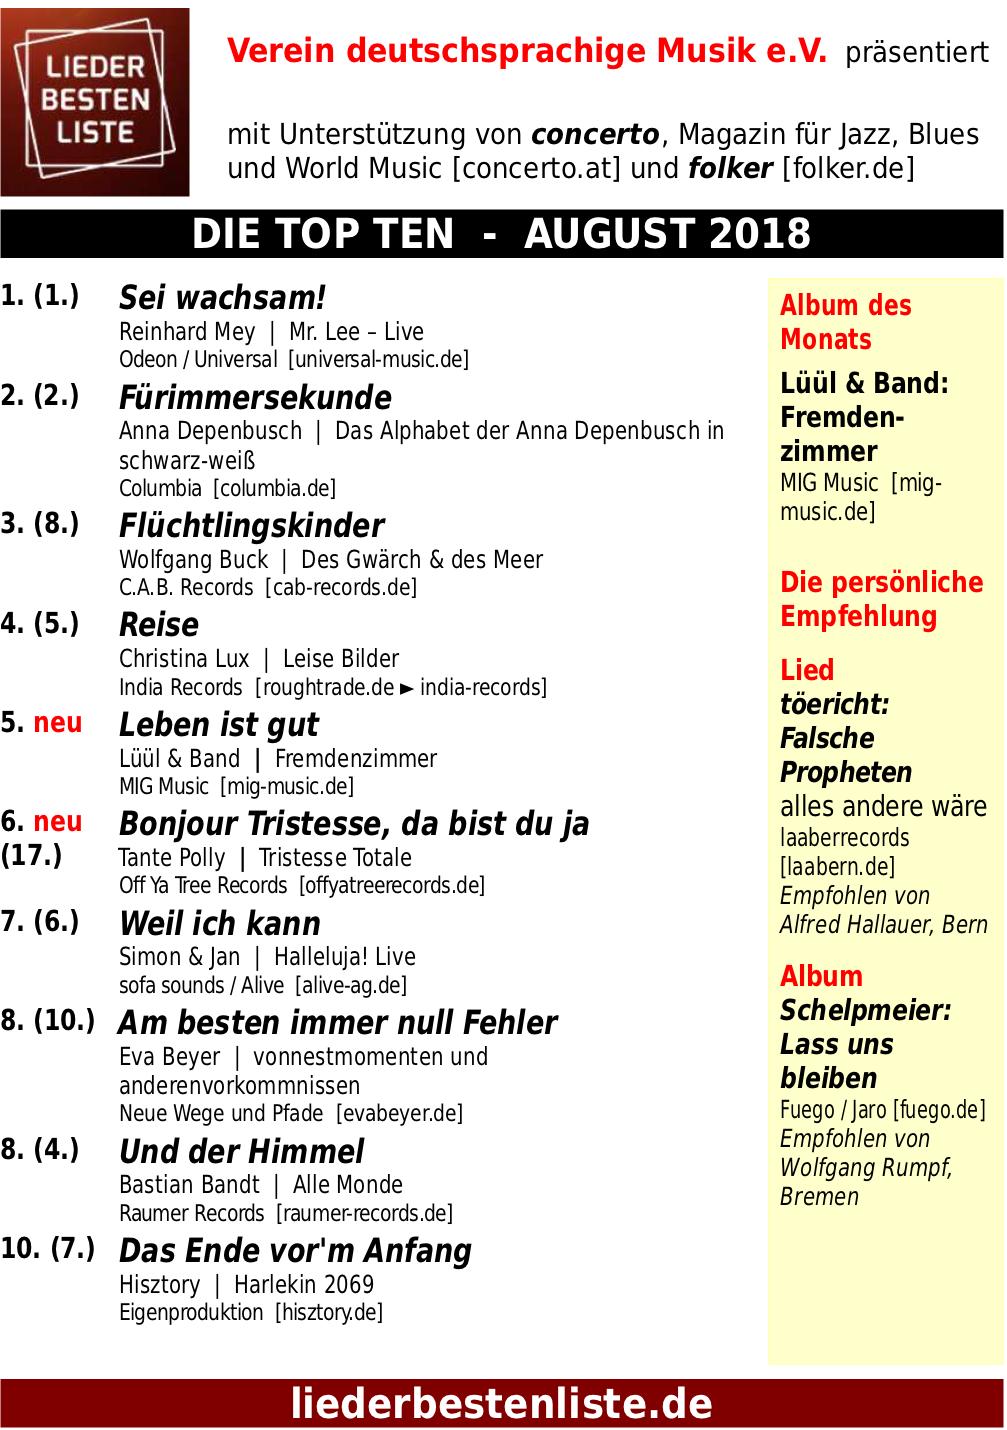 Liederbestenliste TOP 10 August 2018